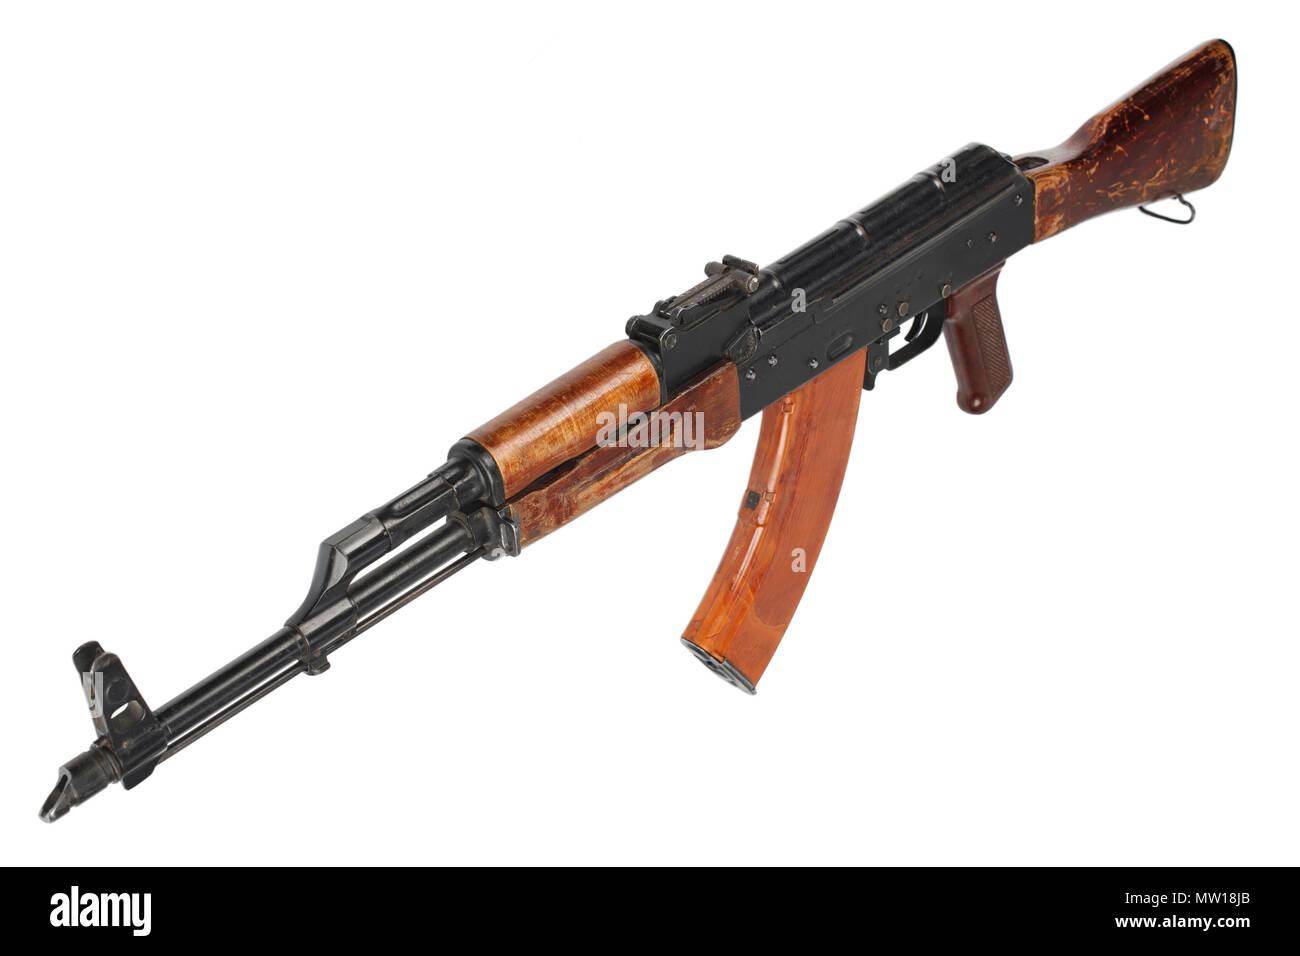 AK - 47 (AKM) assault rifle Stock Photo: 187498819 - Alamy